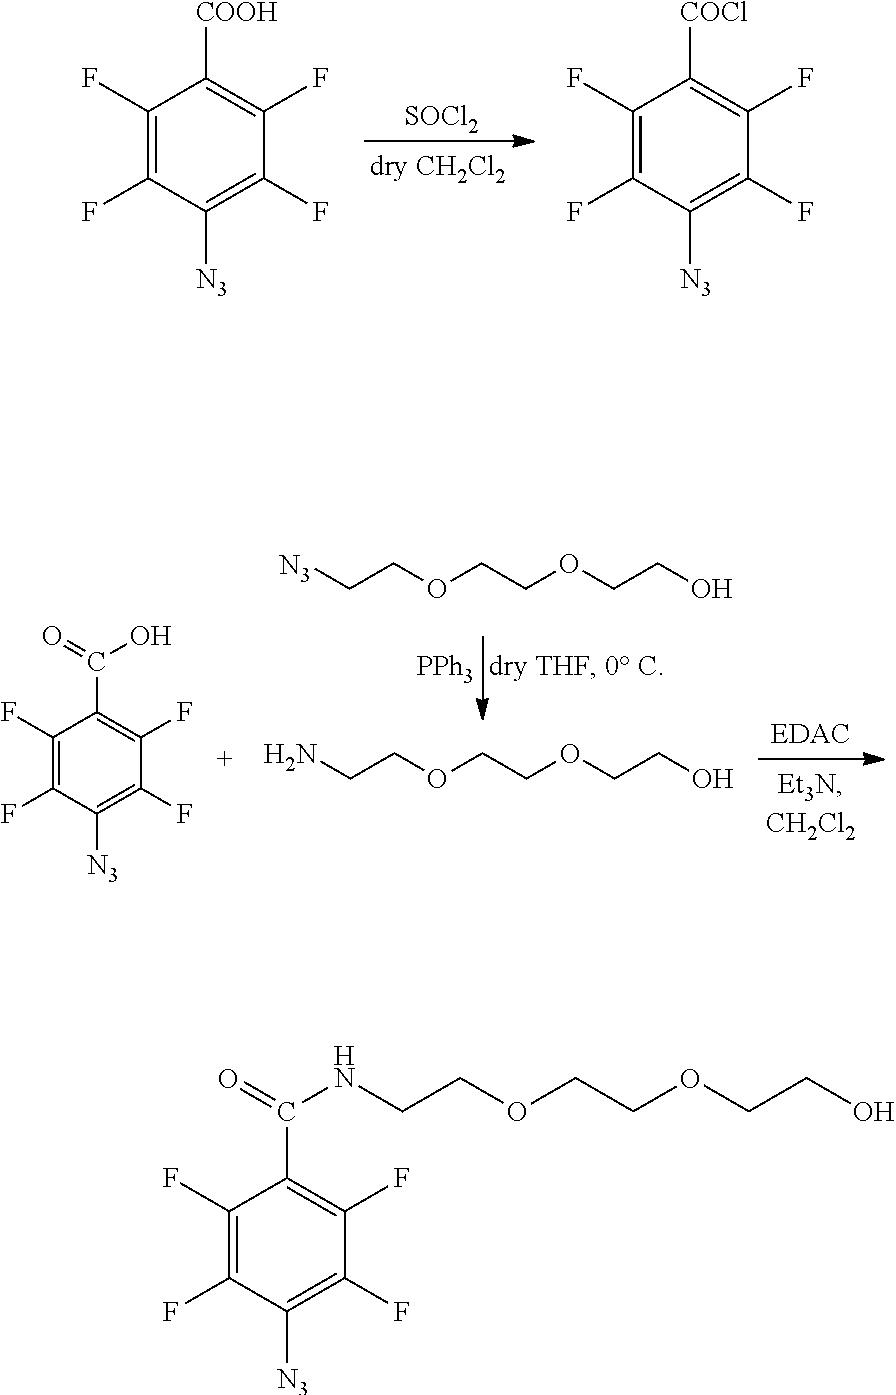 Figure US20100028559A1-20100204-C00006